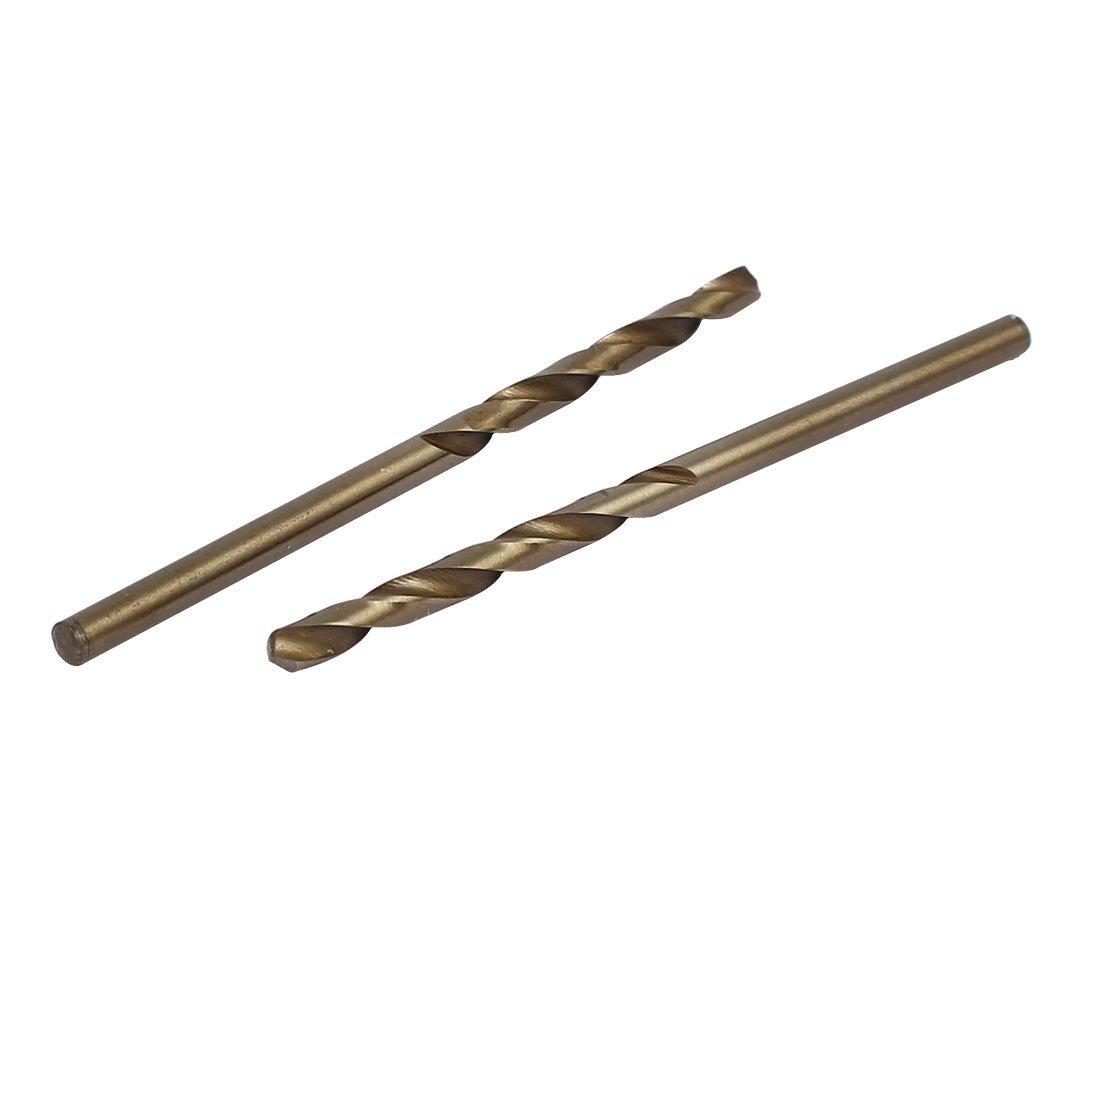 uxcell 2.9mm Dia Split Point HSS Cobalt Metric Twist Drill Bit Drilling Tool 15pcs